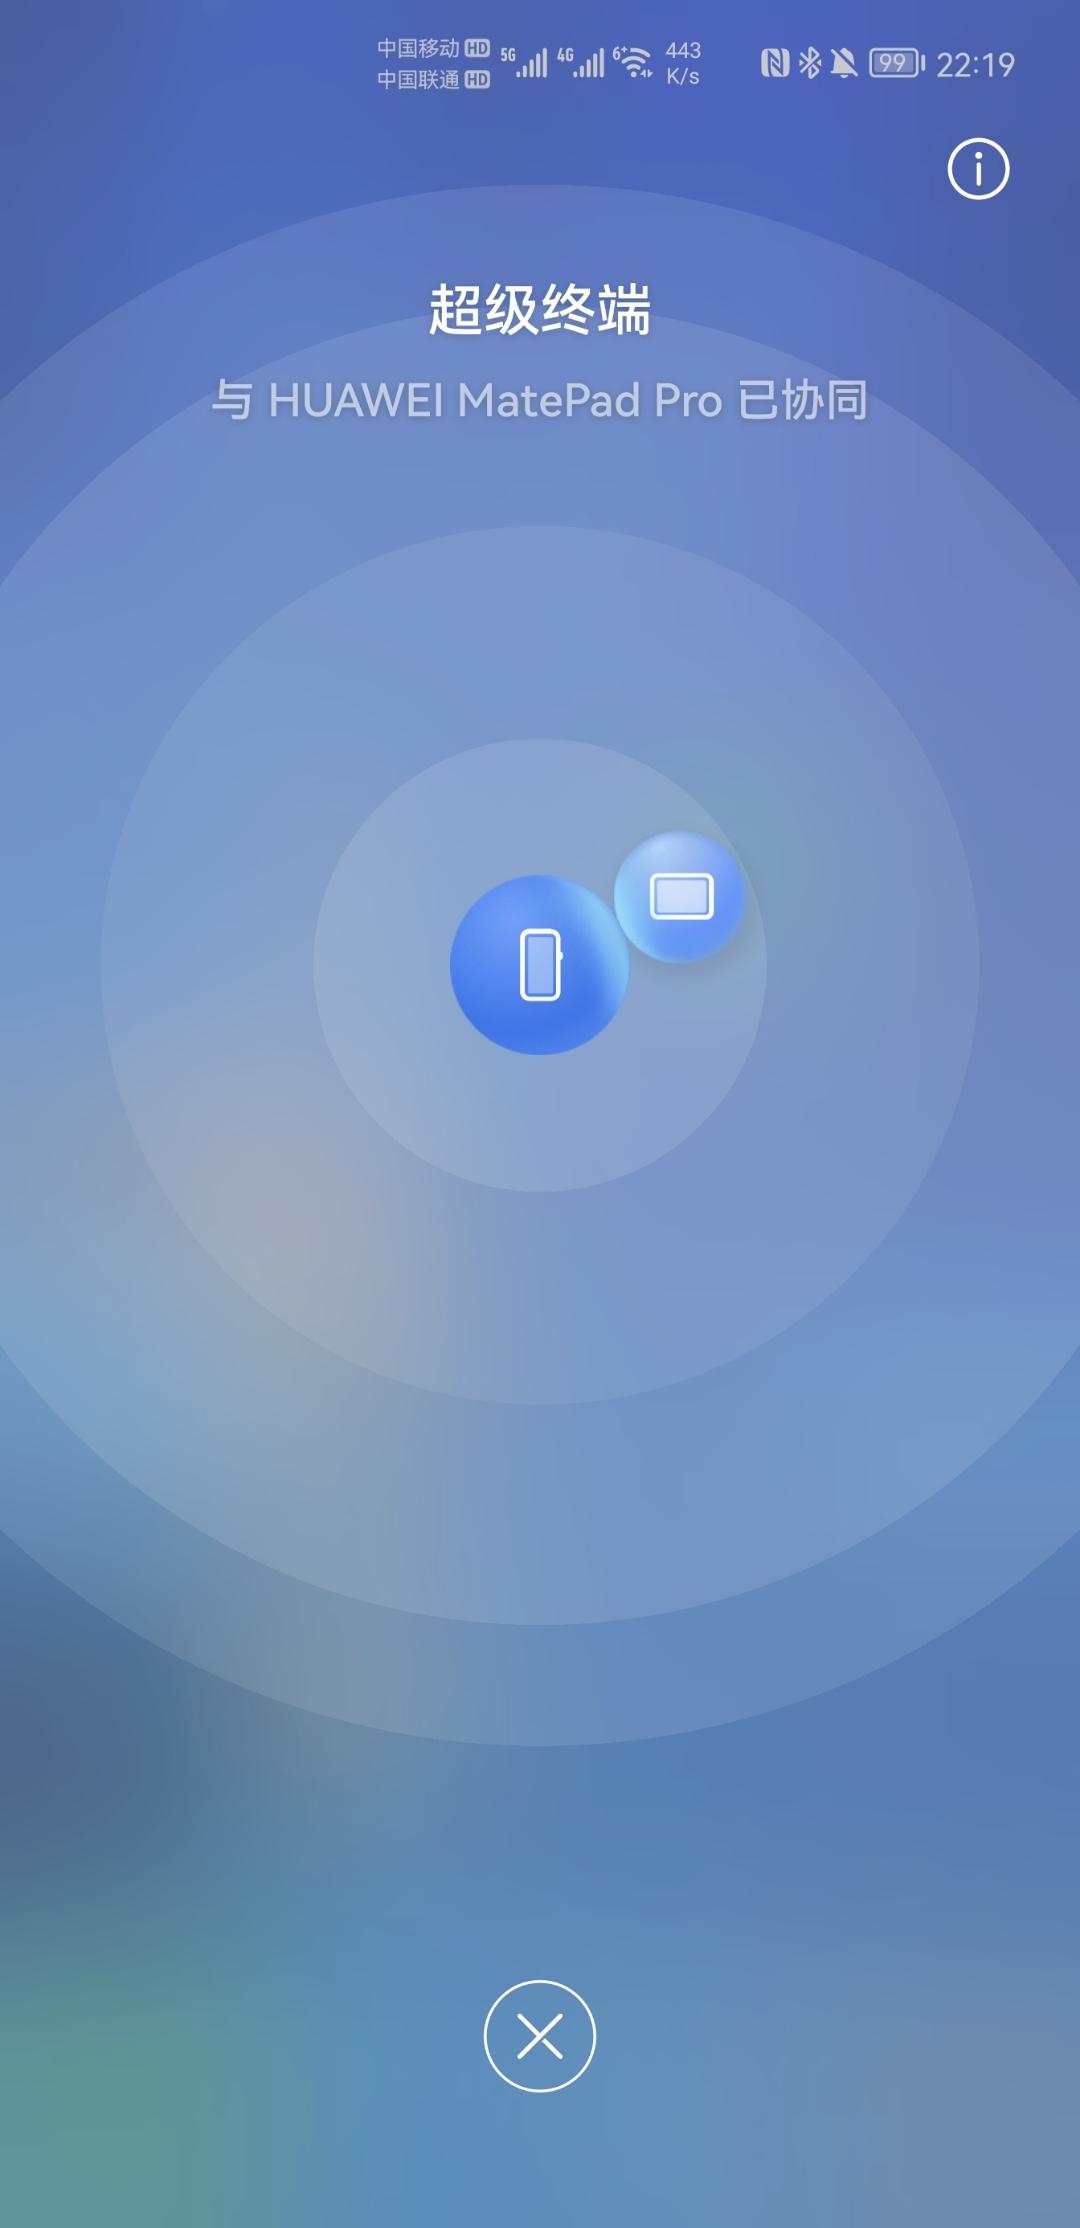 Screenshot_20210622_221924_com.huawei.android.launcher.jpg